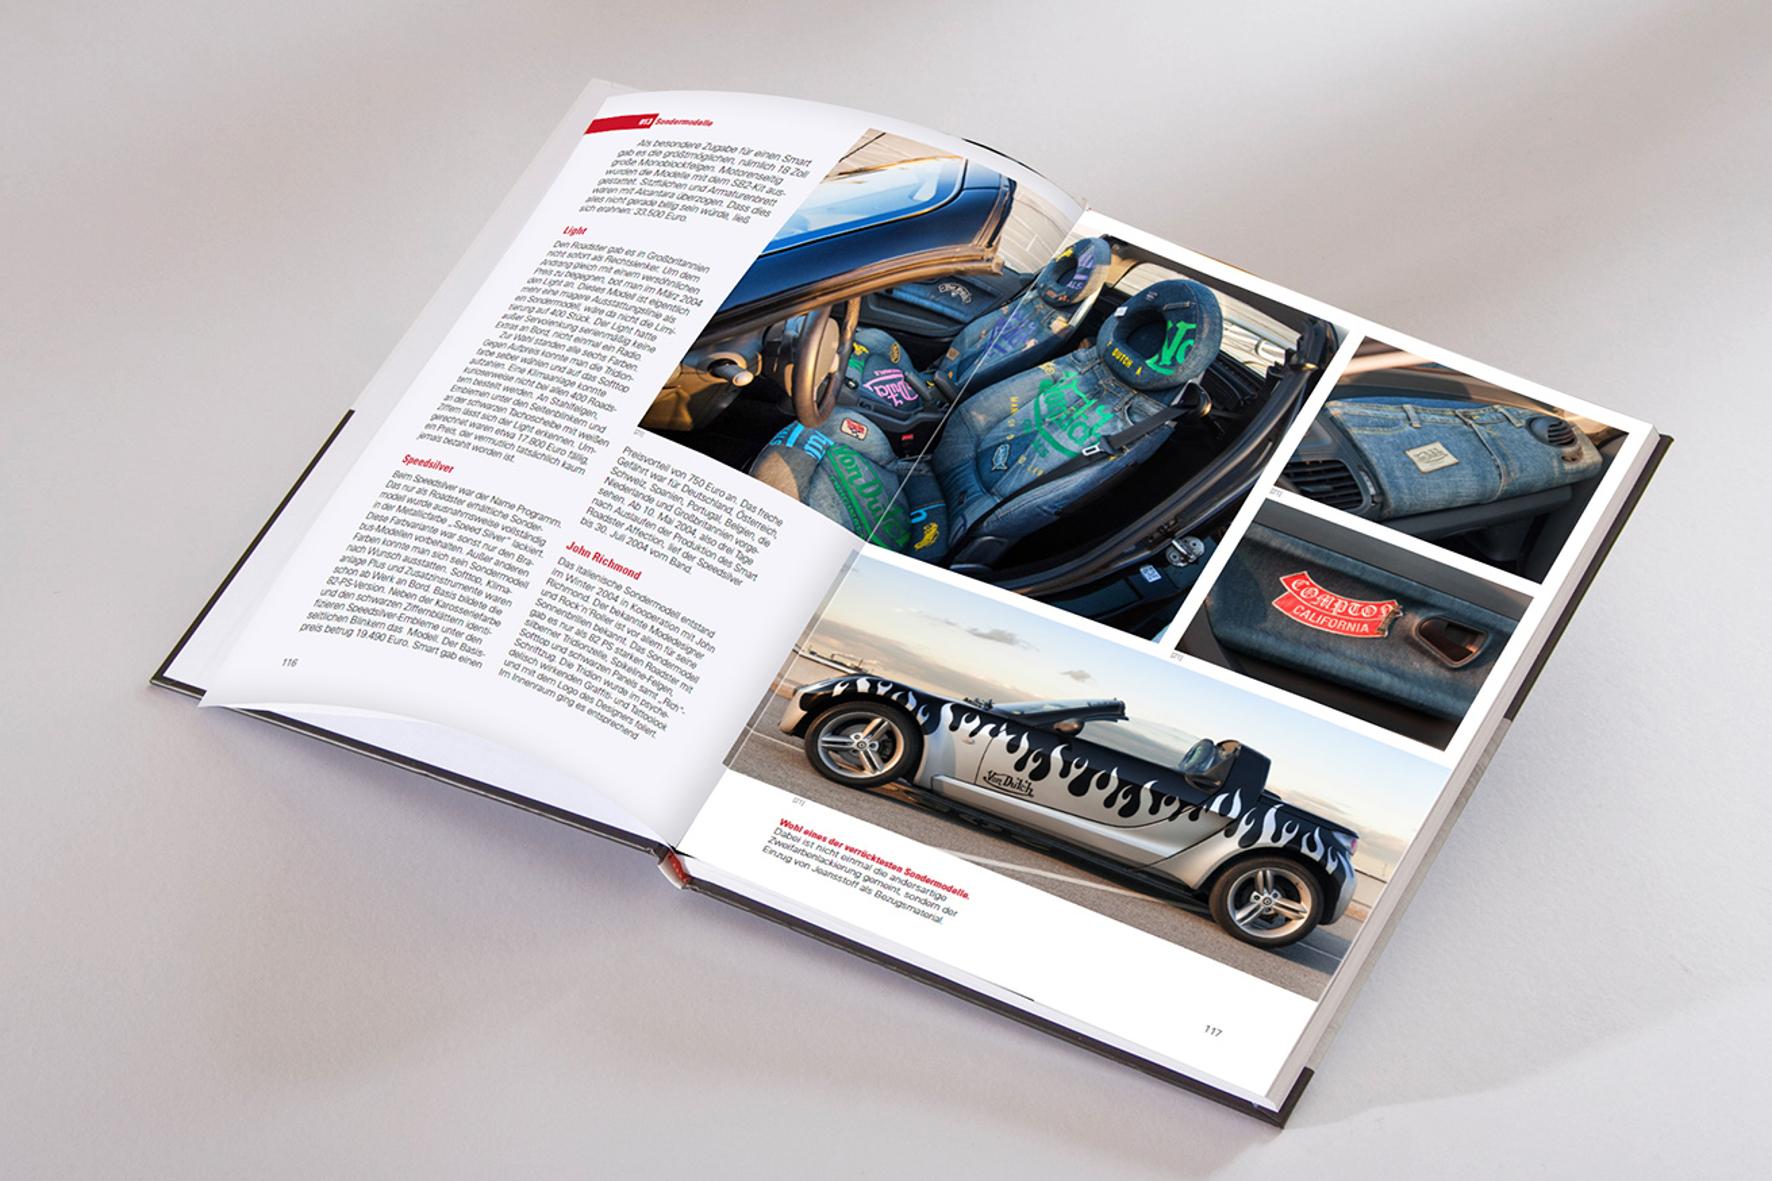 mid Groß-Gerau - Auch sehr ausgefallene Exemplare des Smart Roadster finden in dem Buch ihren Platz. Verlag Hollinek / Reichel